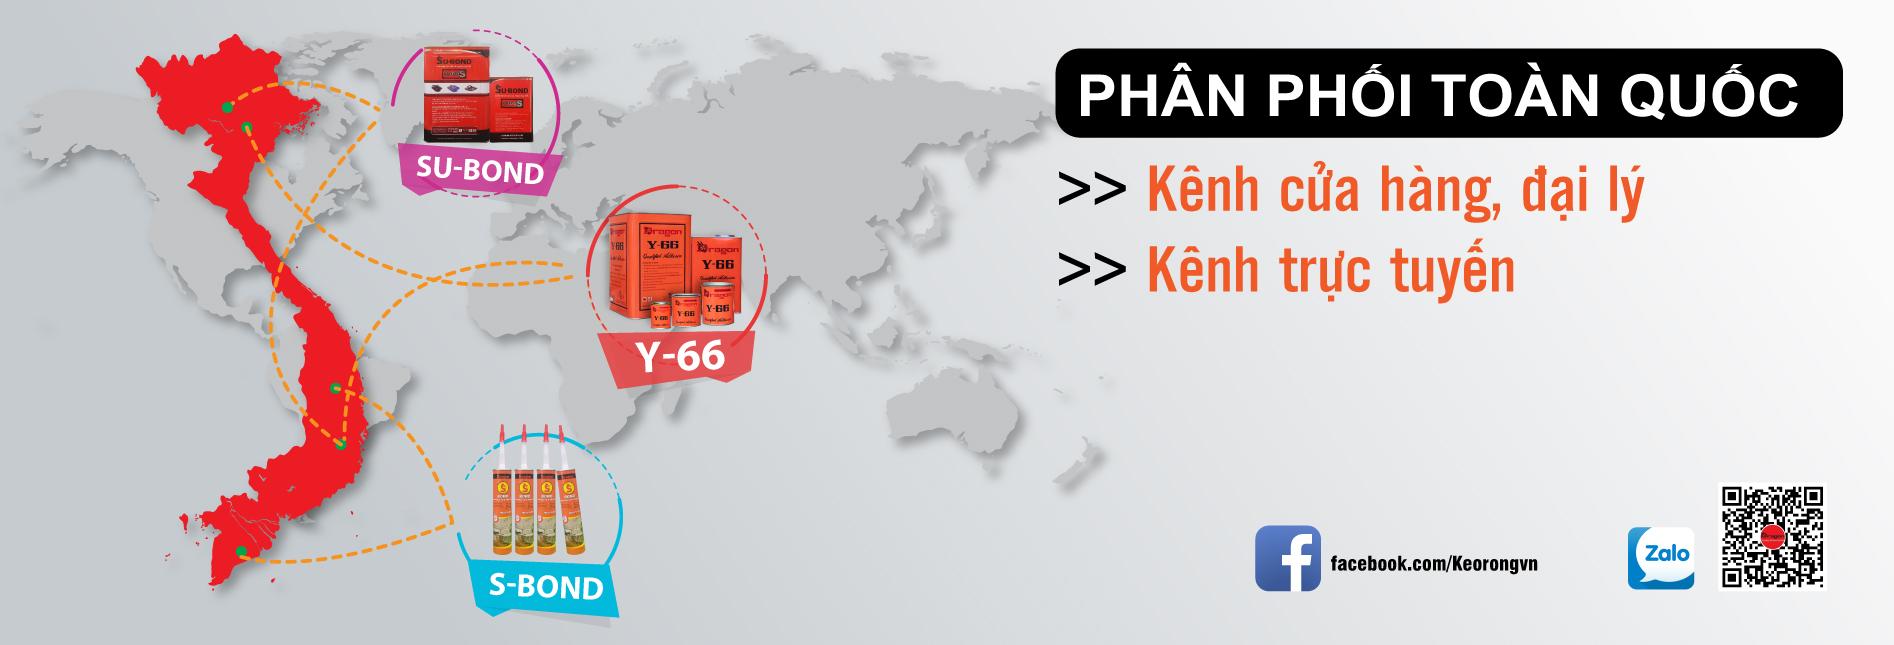 Mạng lưới phân phối keo rồng trên toàn quốc